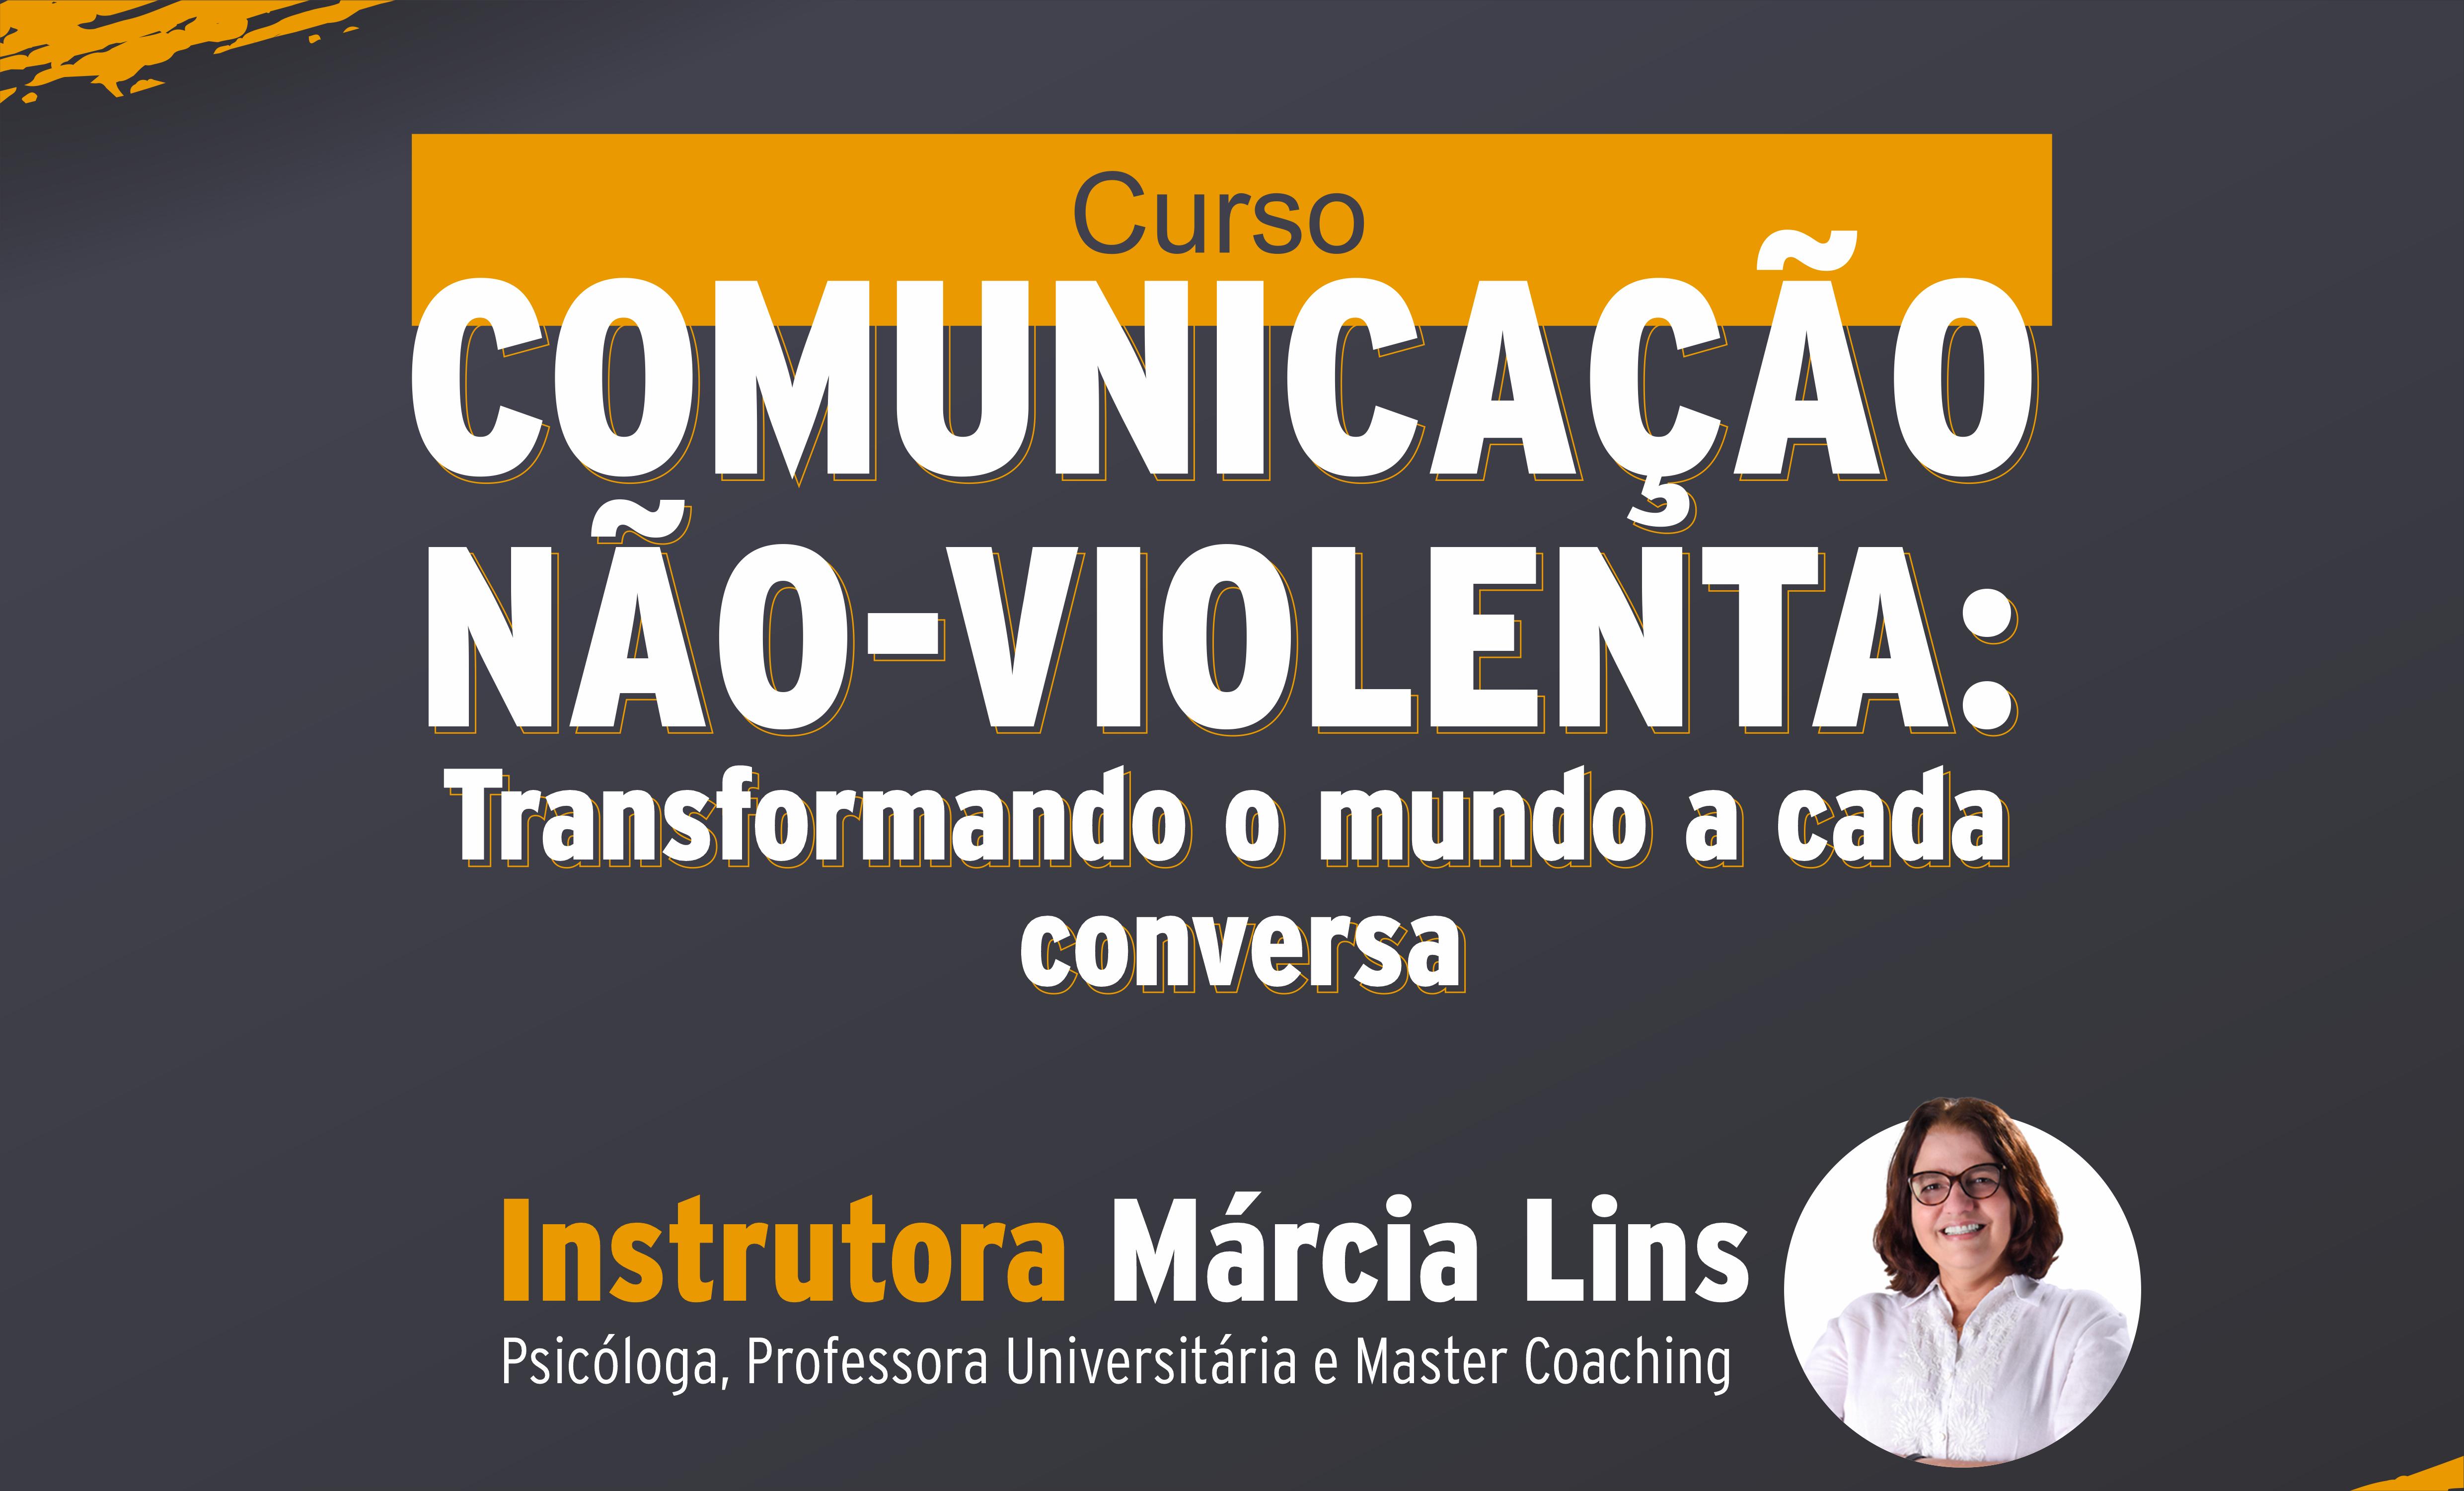 Comunicação Não-violenta: Transformando o mundo a cada conversa